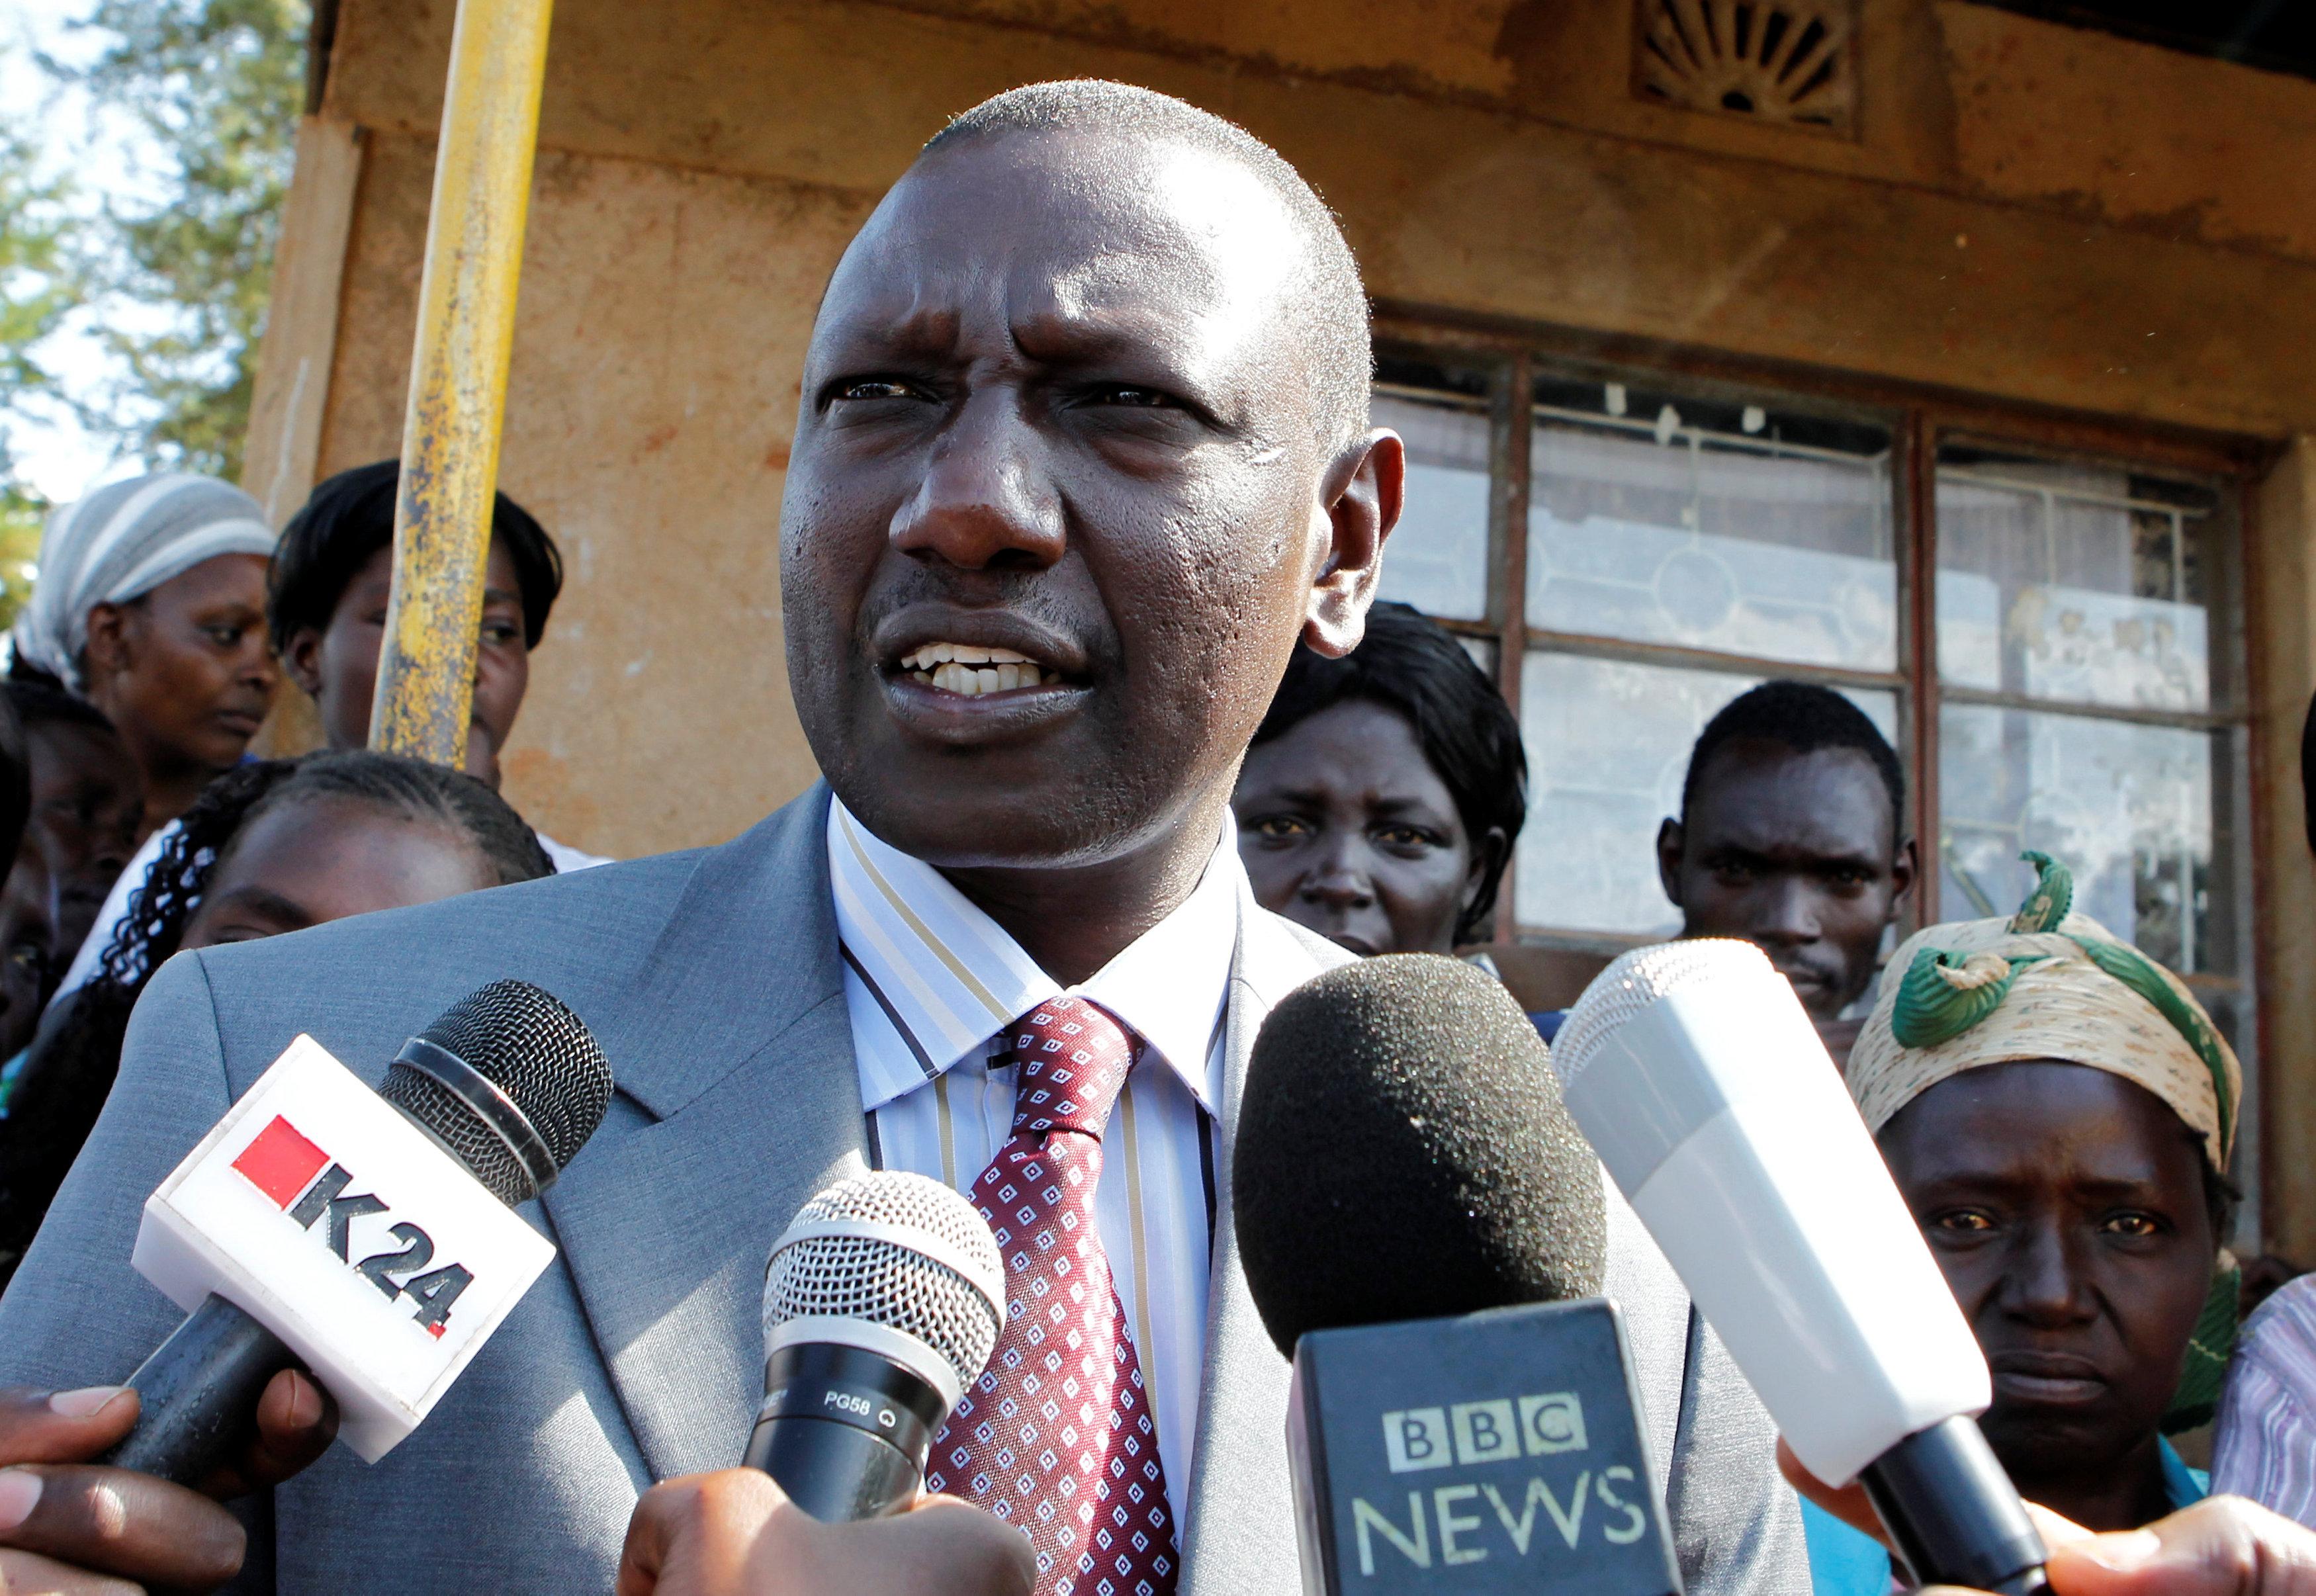 الشرطة الكينية رجل مسلح بمنجل هاجم منزل نائب الرئيس